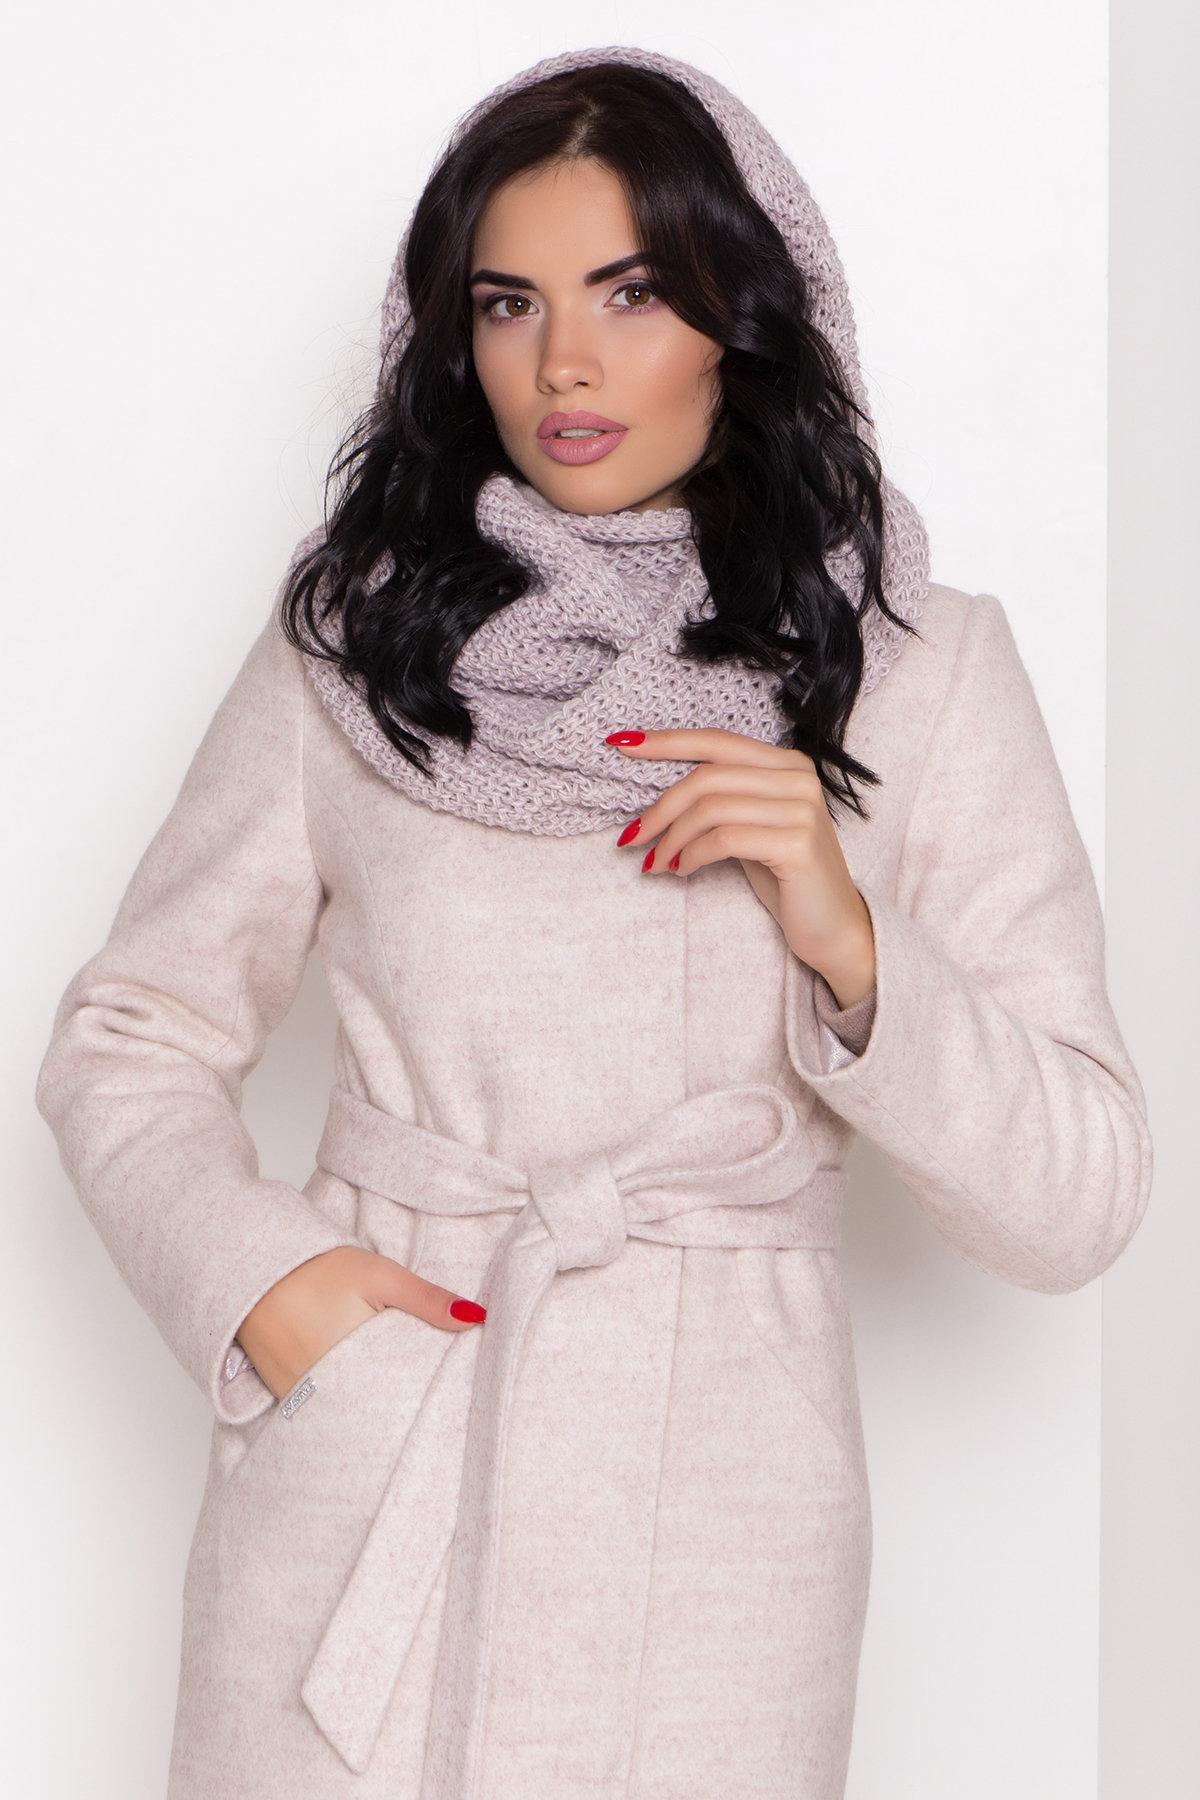 Зимнее пальто с круговым шарфом  Сплит 8406 АРТ. 44631 Цвет: Бежевый 21 - фото 6, интернет магазин tm-modus.ru